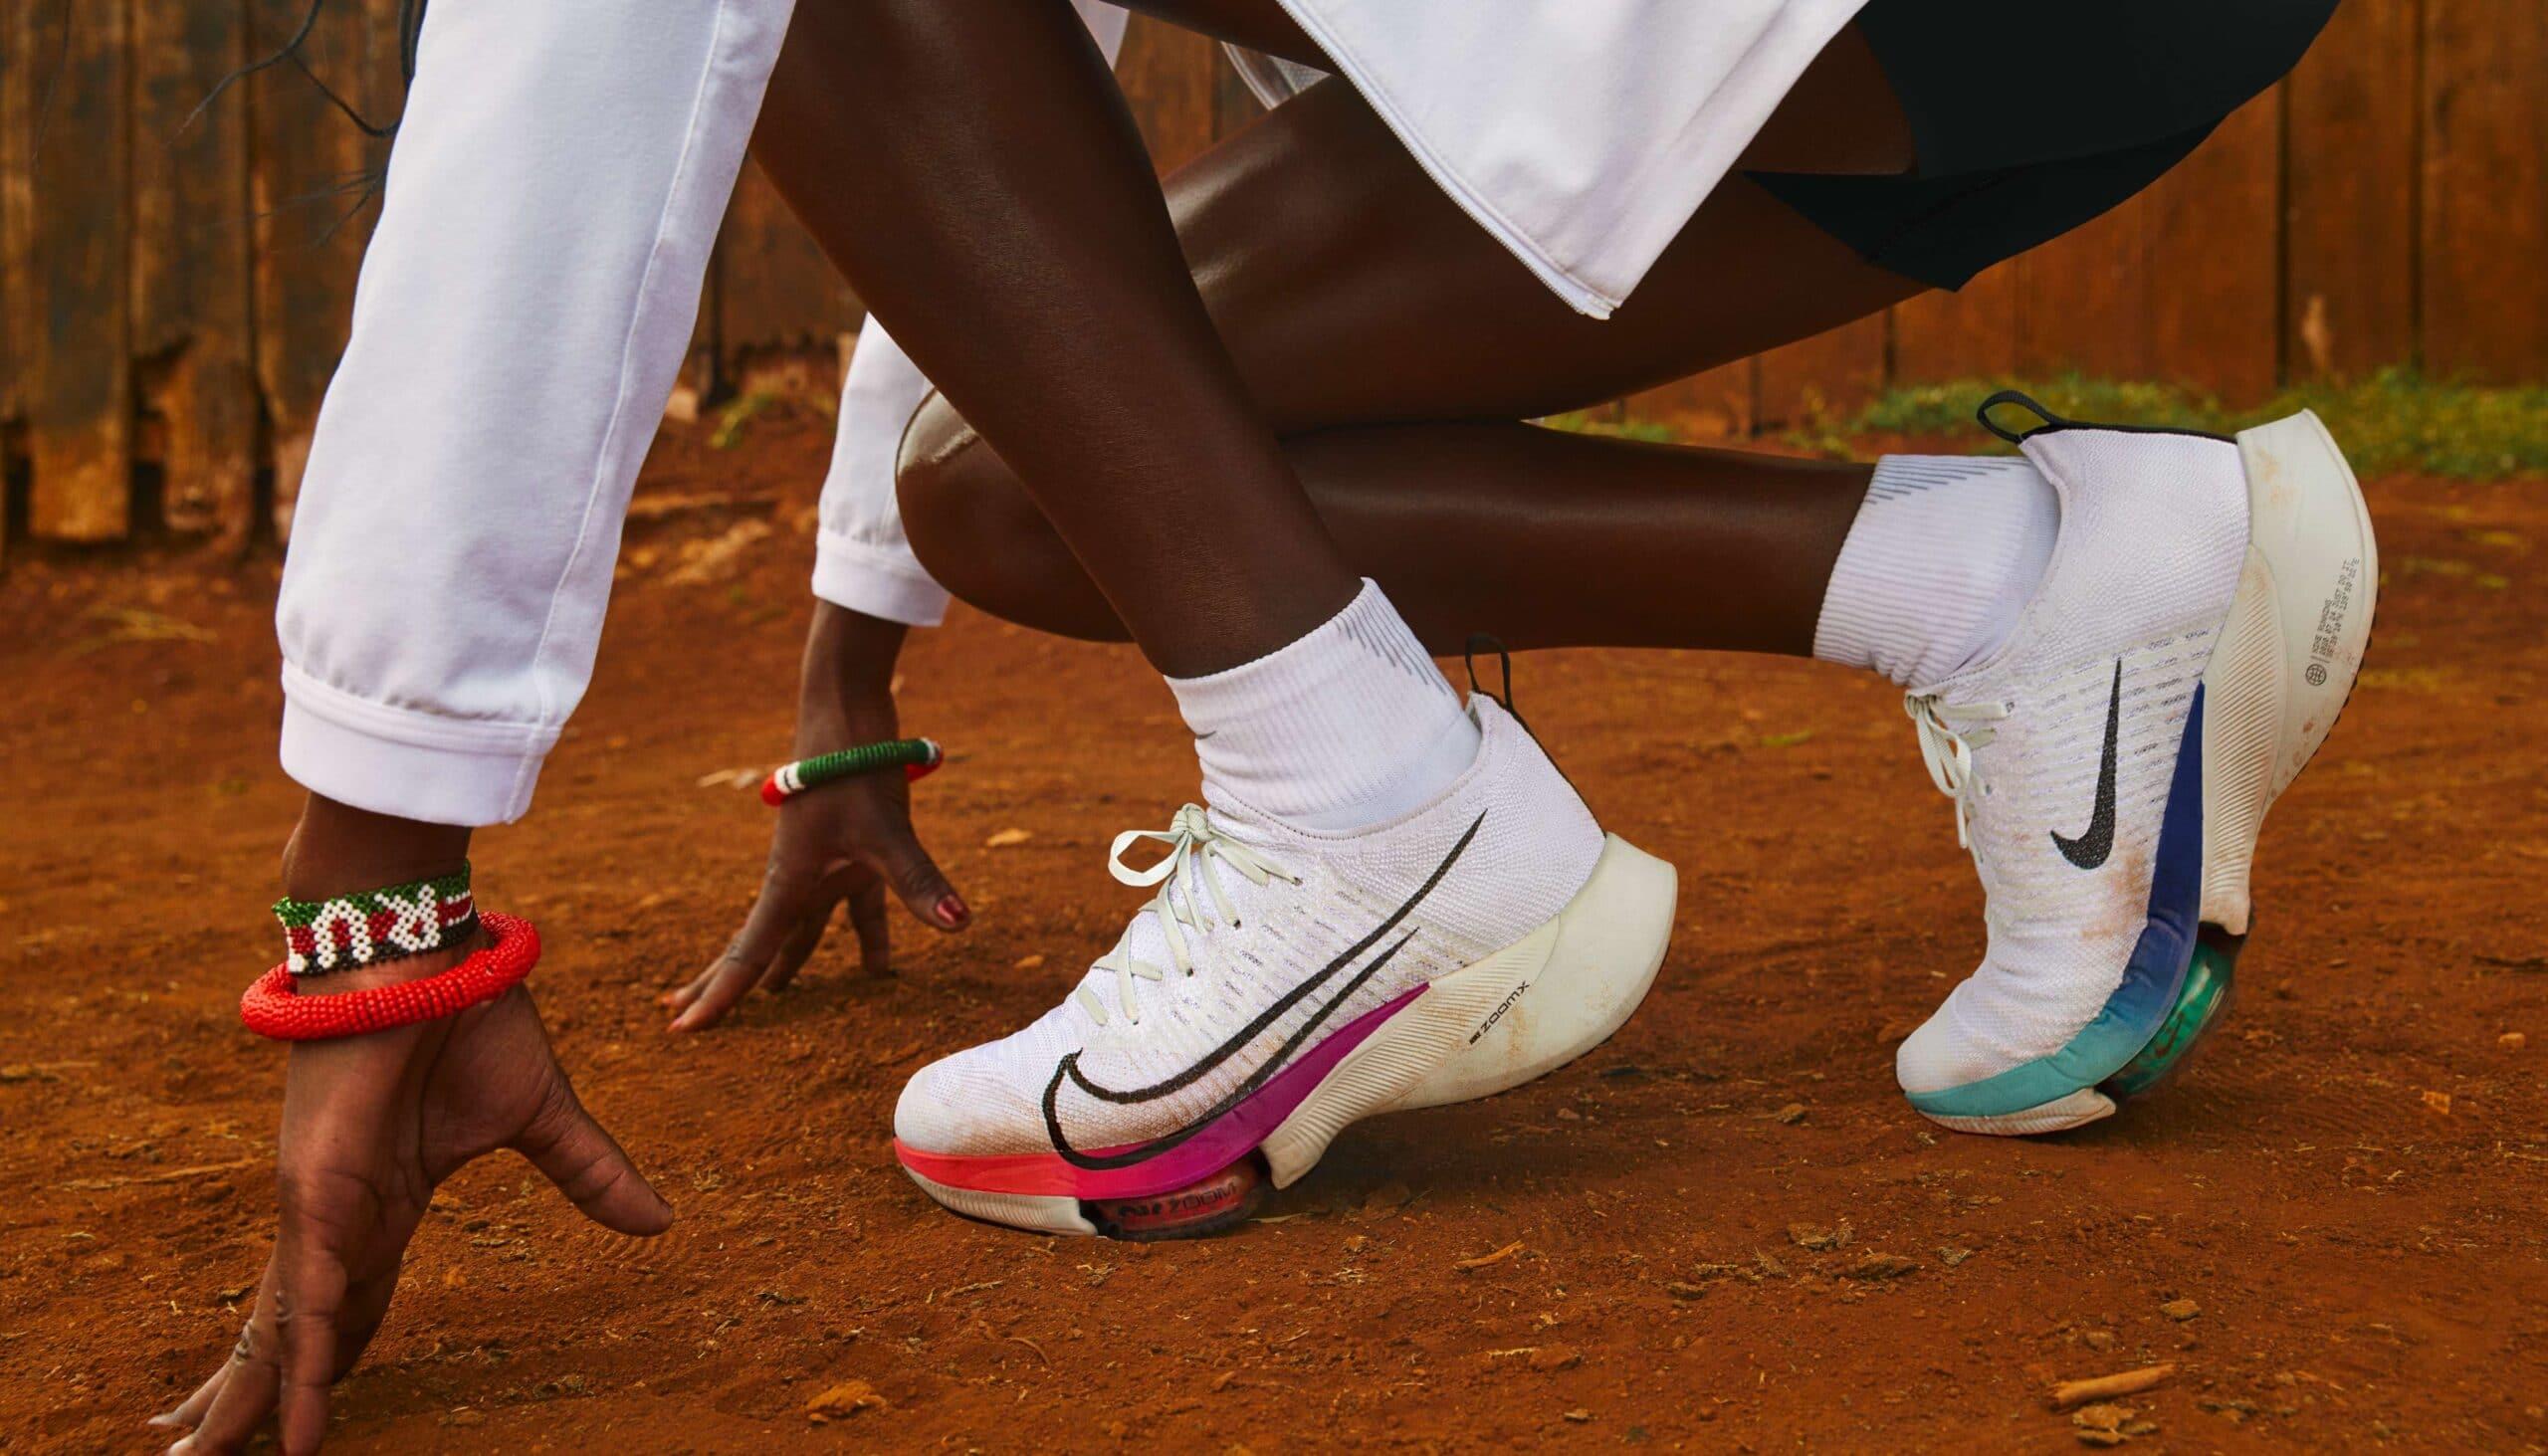 The NEXT Generation of FAST – die neuen Laufschuhe von Nike